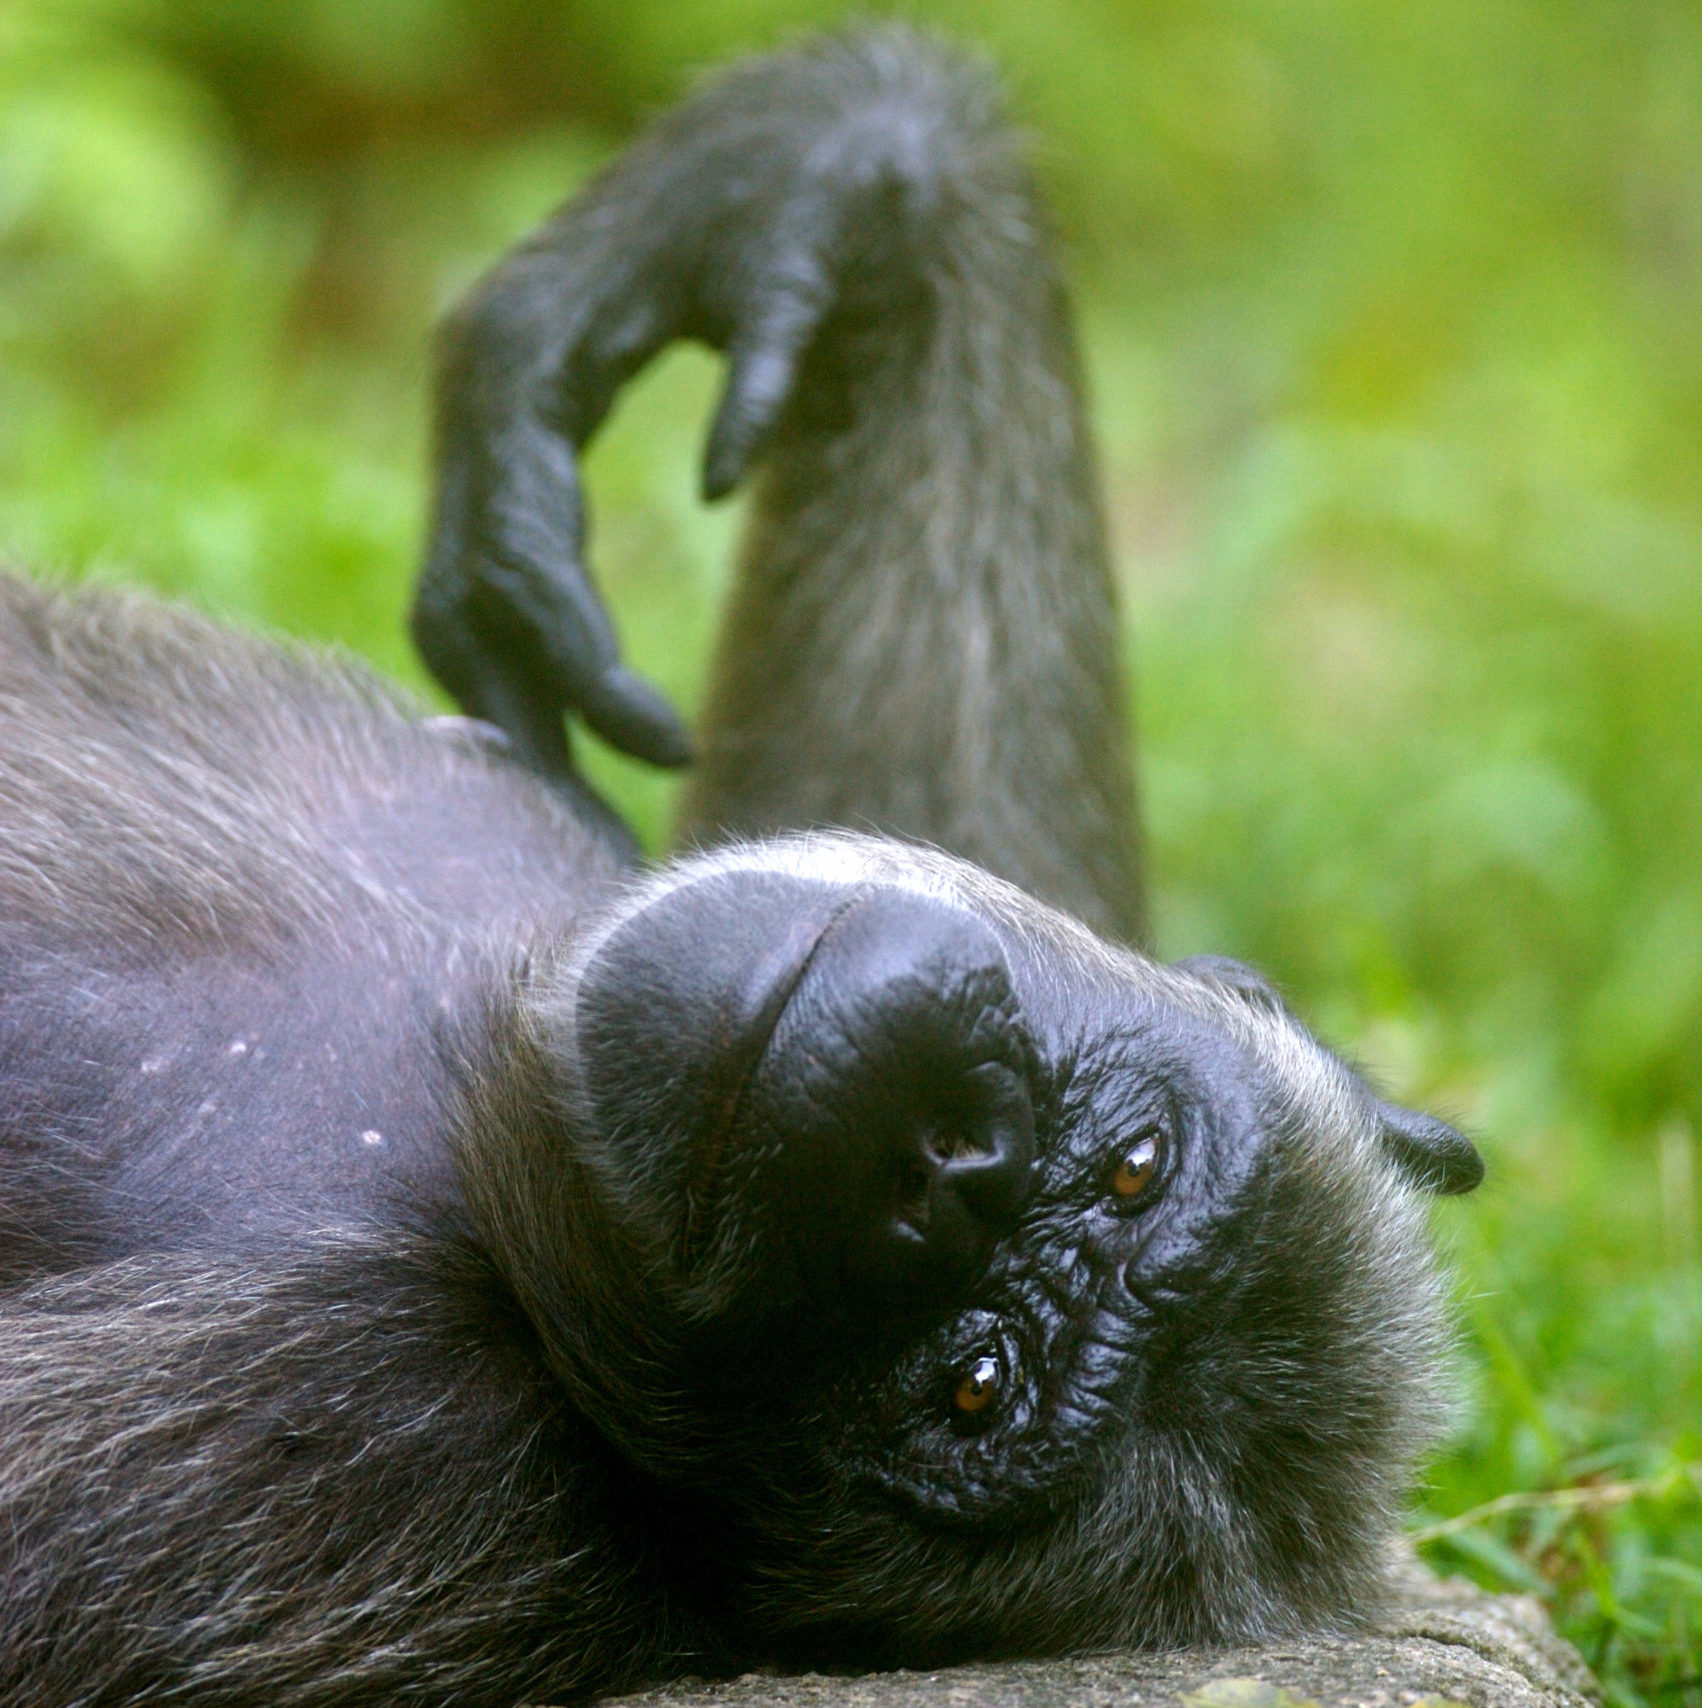 Ein Schimpanse liegt chillig am Rücken und schaut relaxed in die Kamera